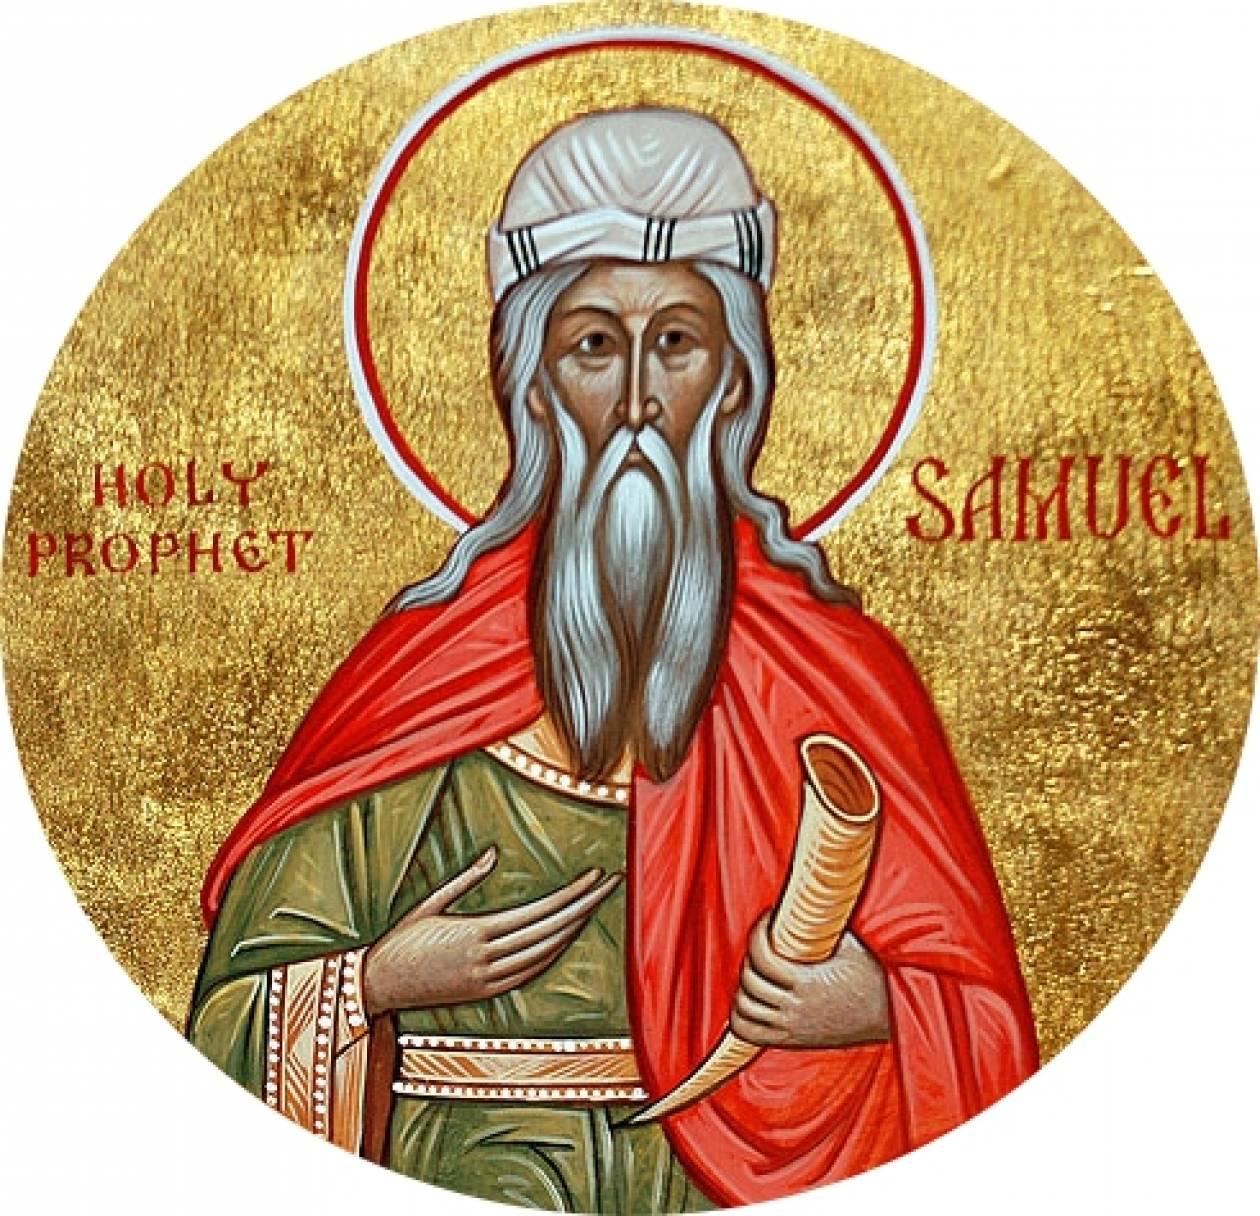 Αποτέλεσμα εικόνας για Προφήτης Σαμουήλ